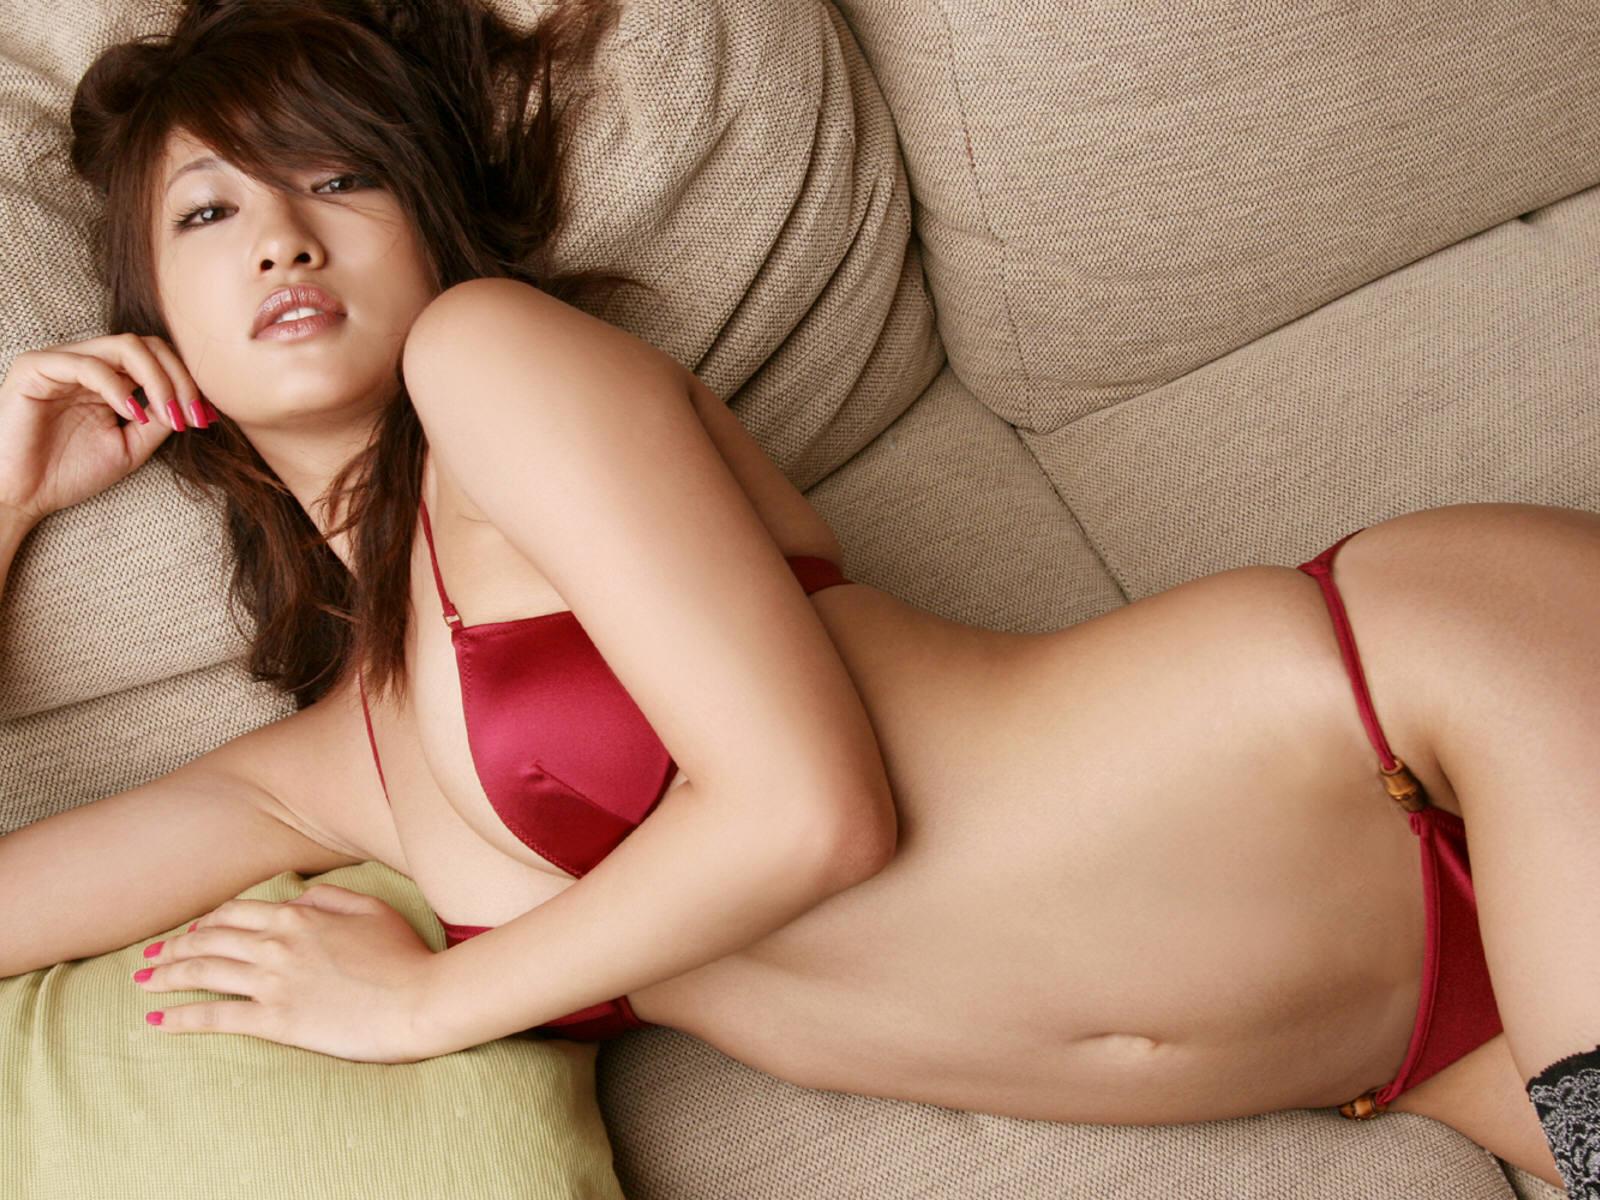 amazing nude emo girls